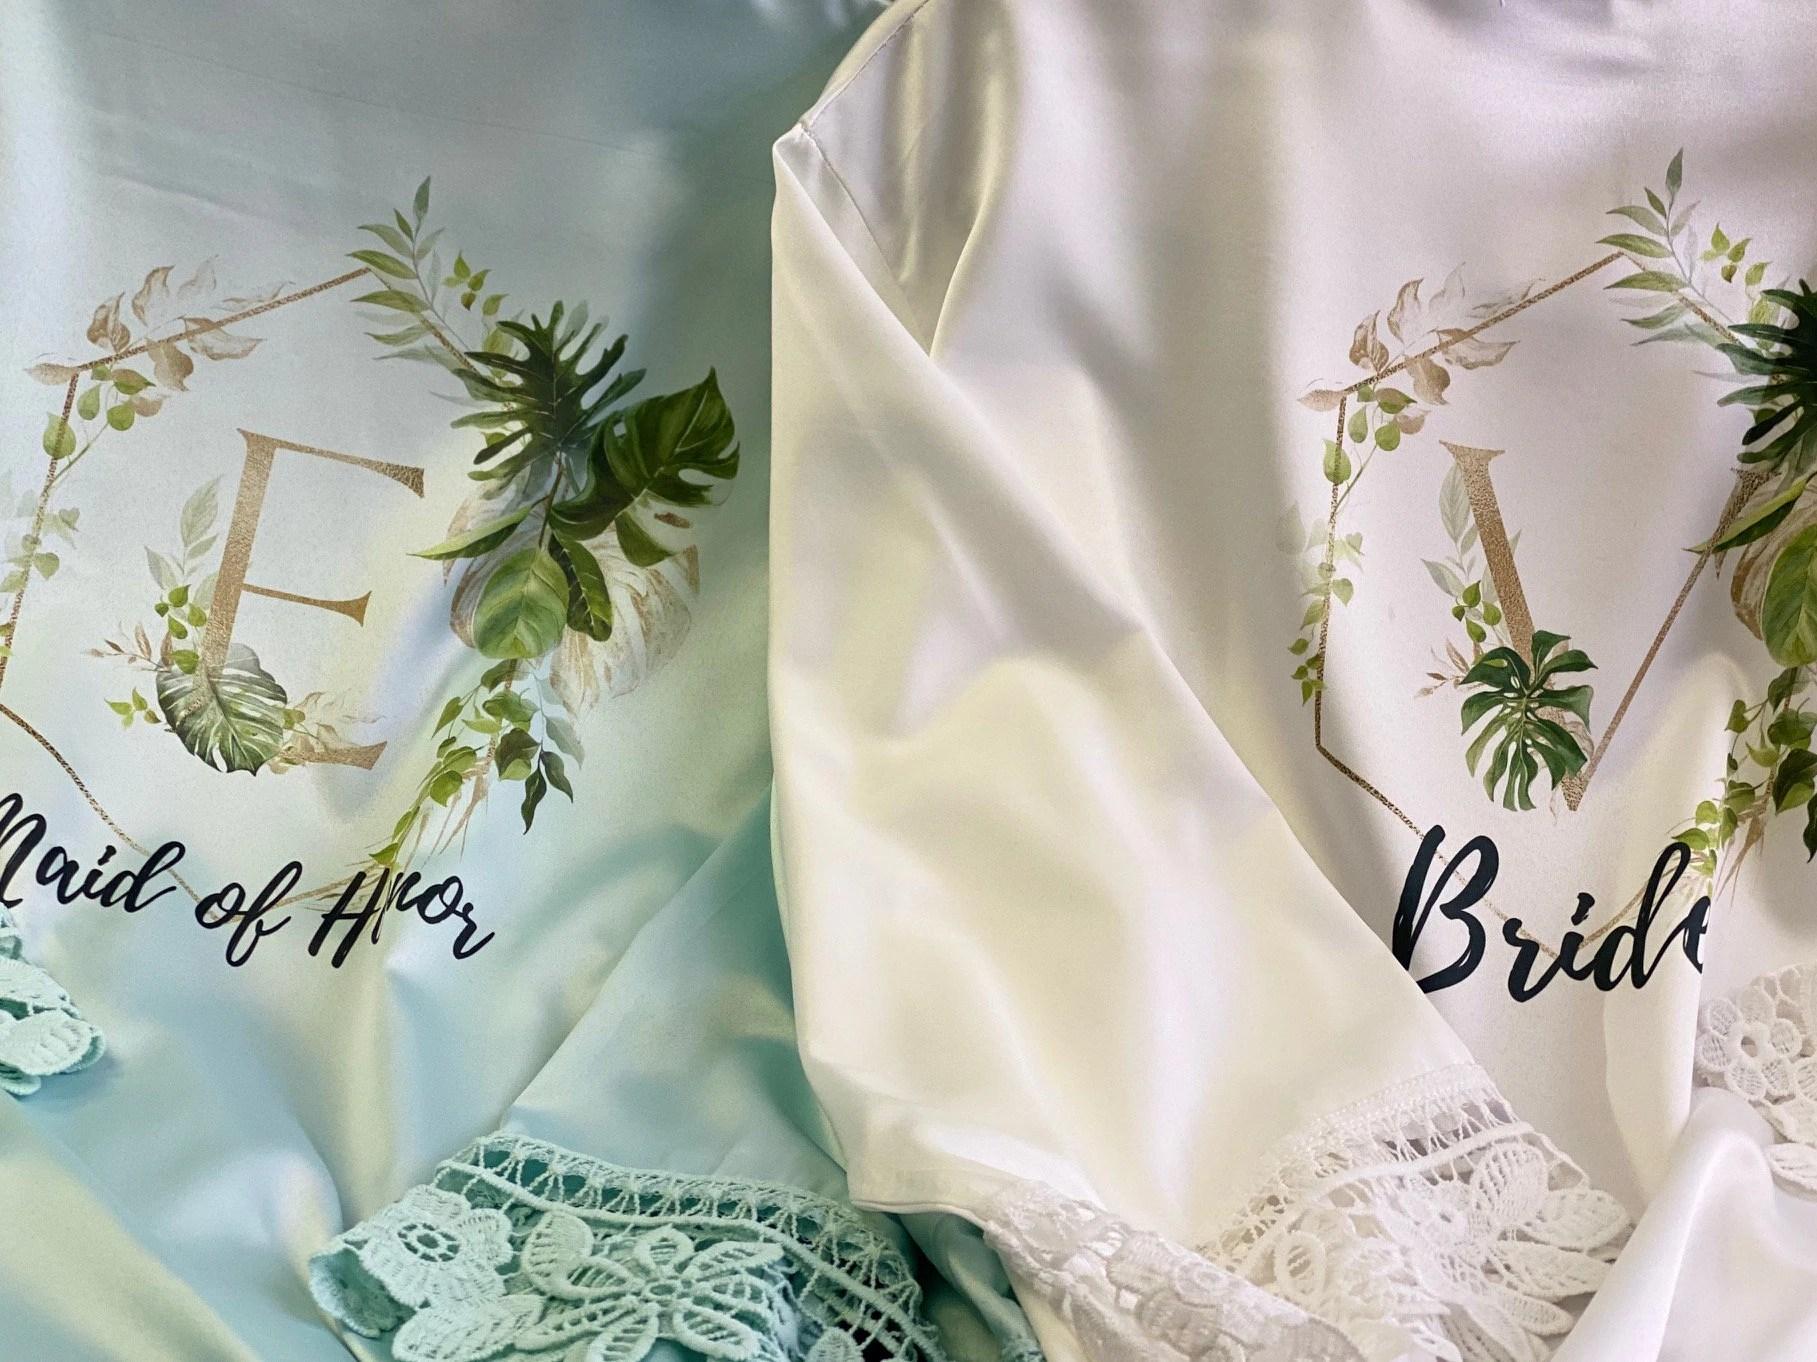 Tropical Wedding Bridal Robes  Bridesmaid Gifts Greenery image 3